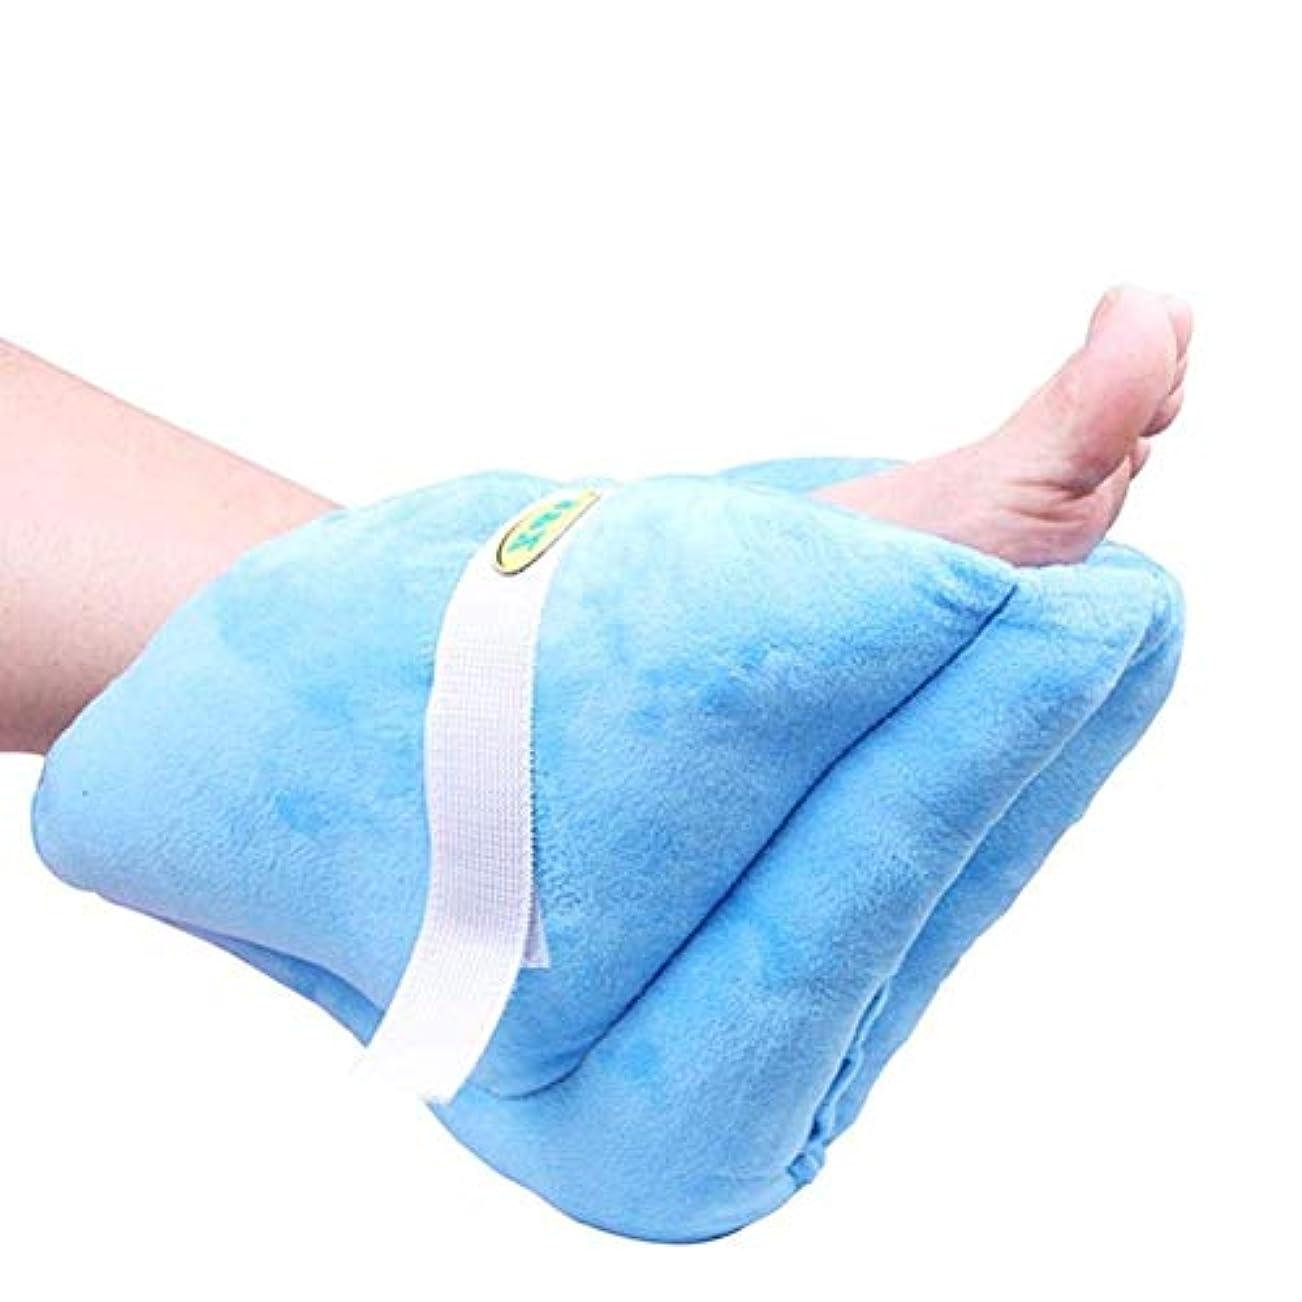 抜け目がない分散不規則なヒールプロテクタークッション - フットプロテクターピローブーツ - 褥瘡の予防と足圧を軽減するためのフットサポートピロー